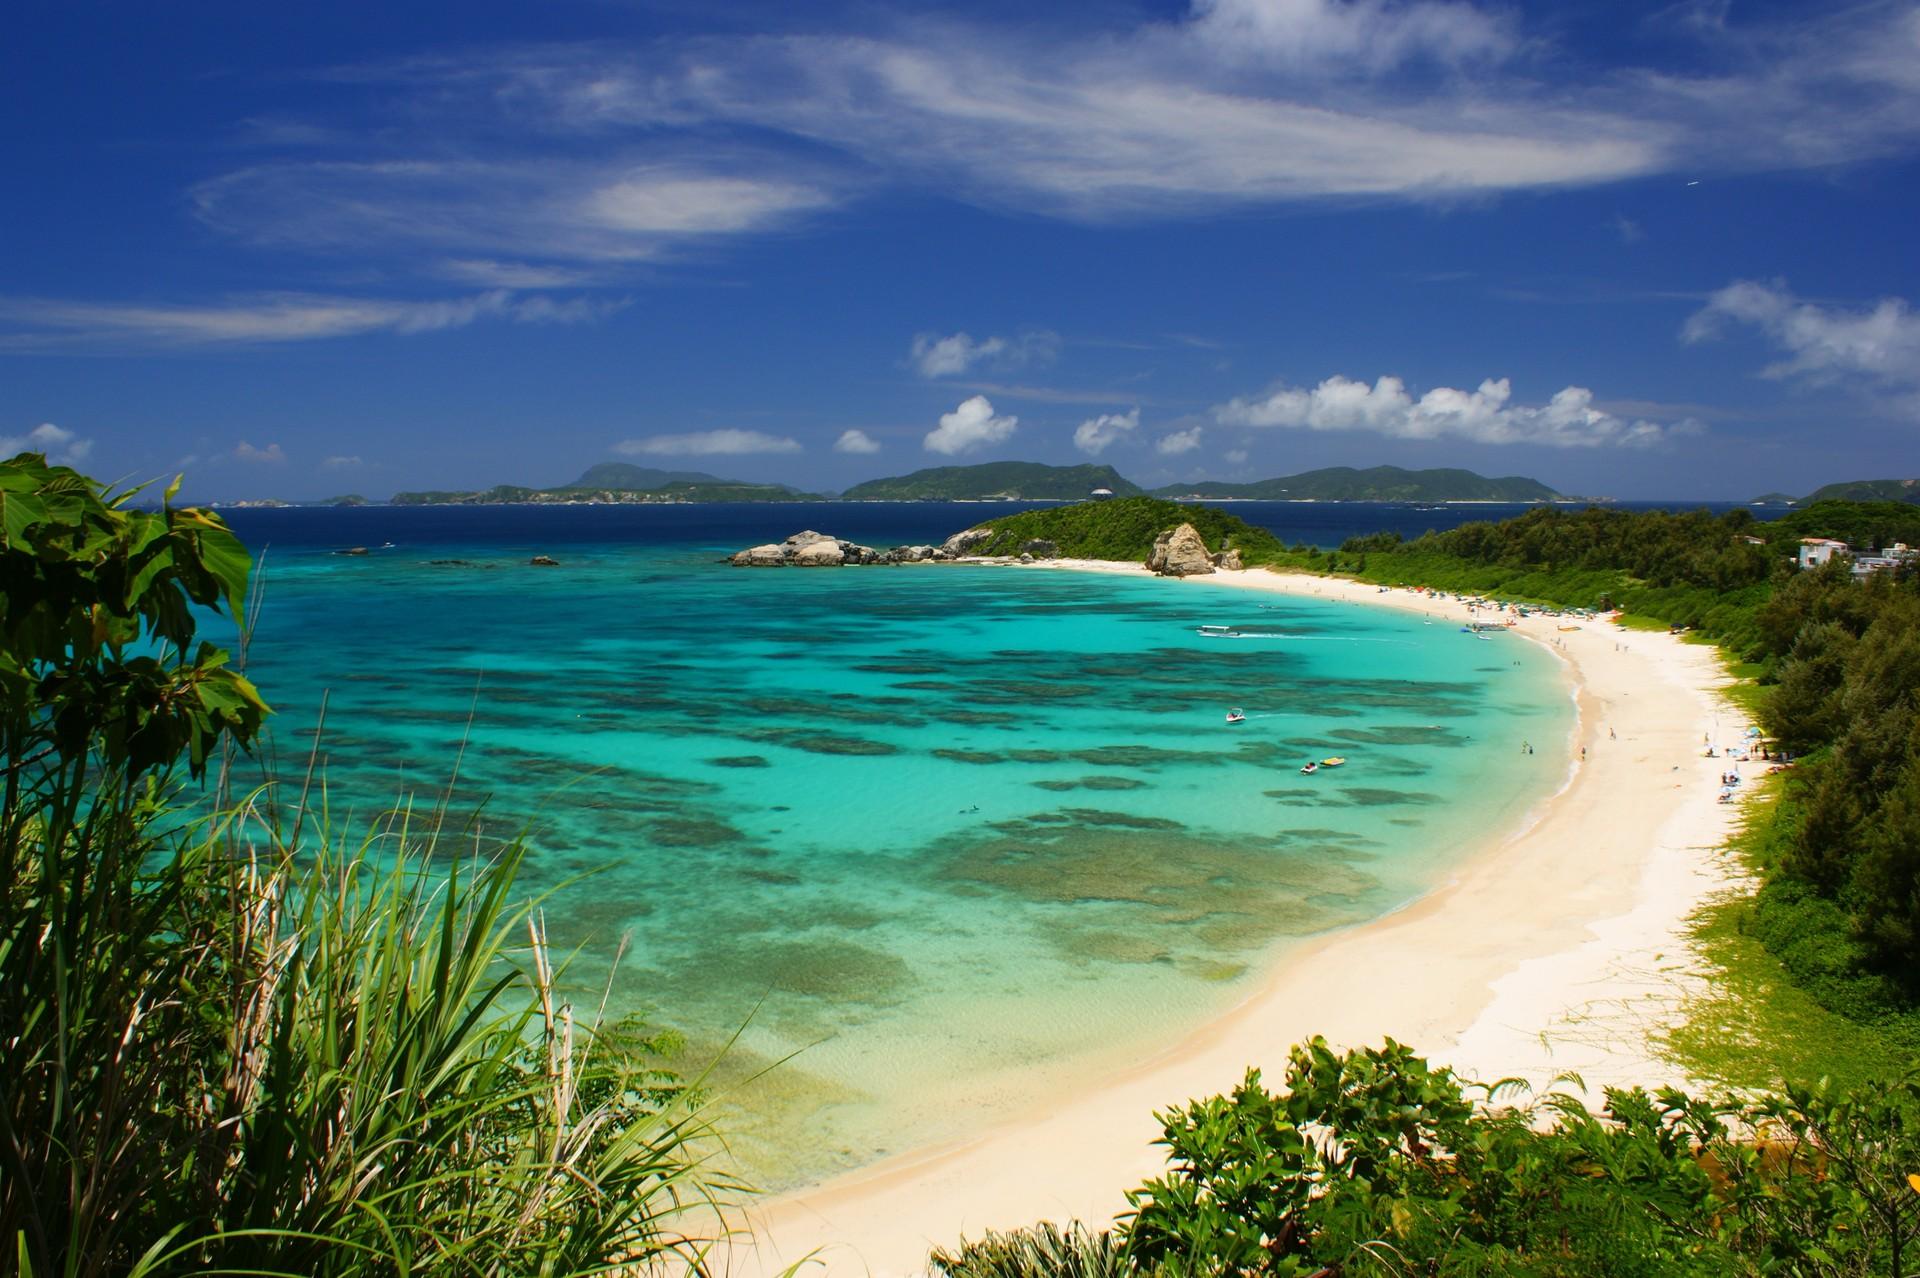 Okinawa region